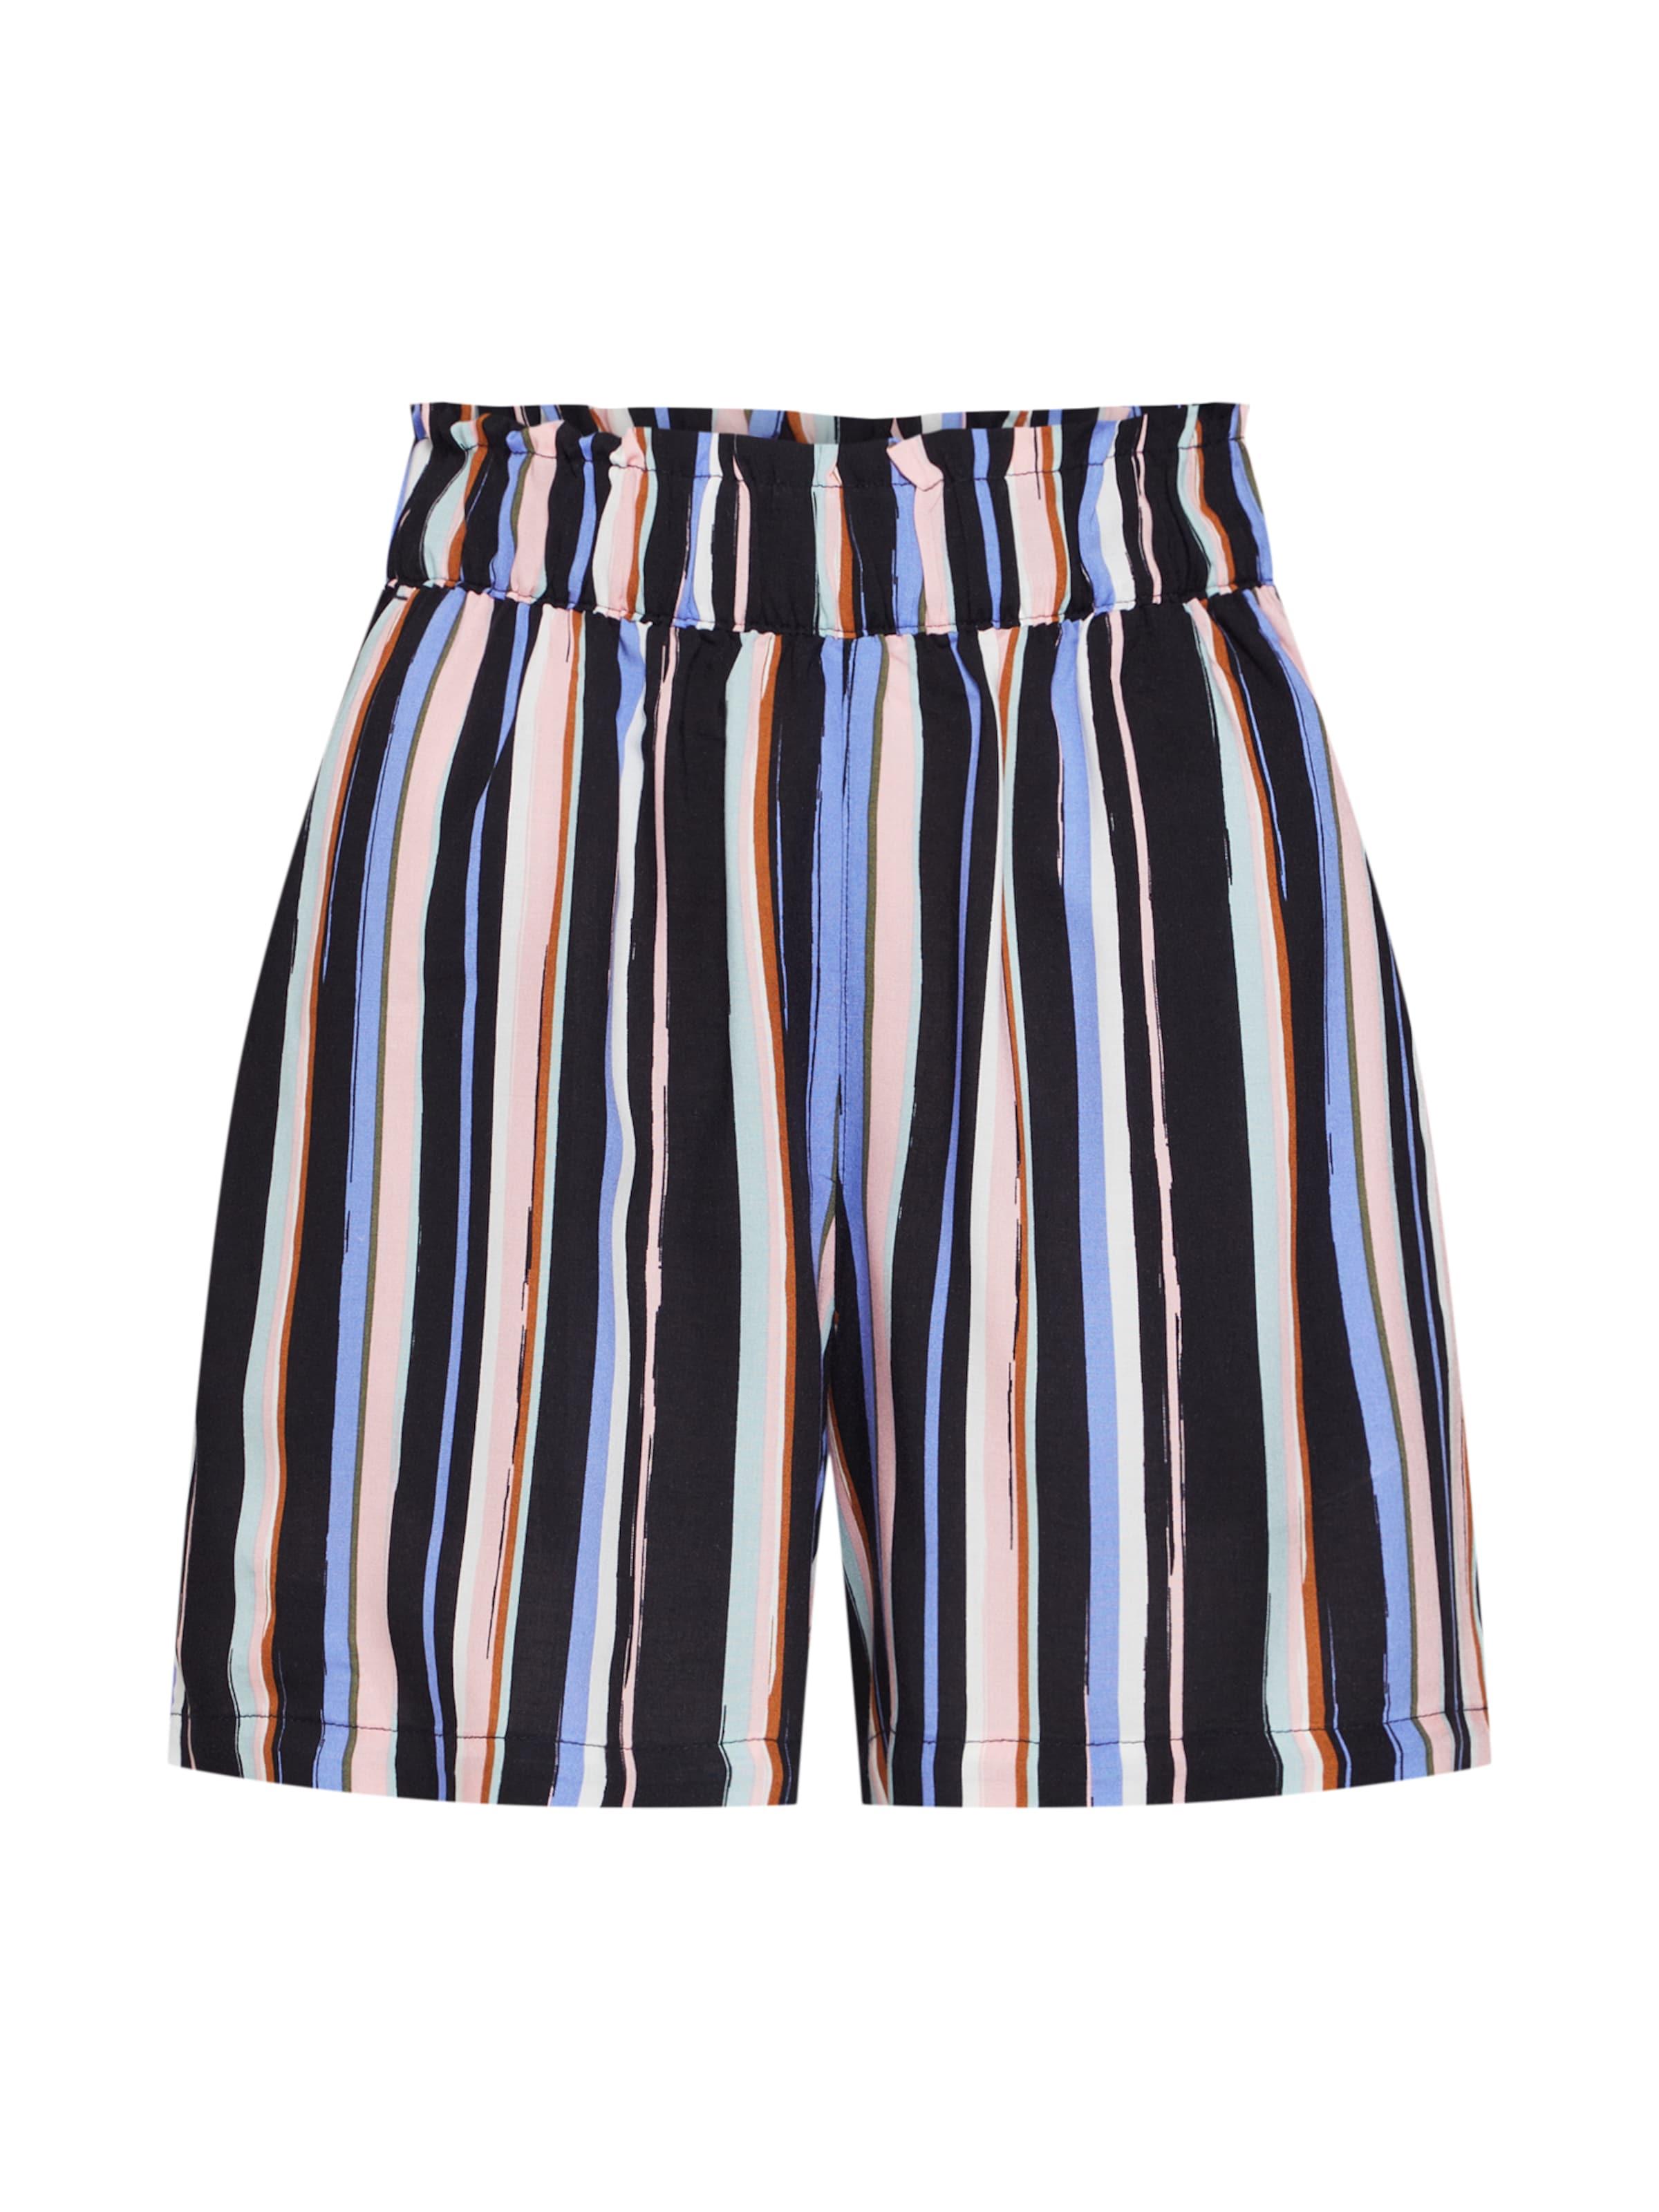 Tailor En De Couleurs Mélange Pantalon Tom Denim MVqUpGLSz